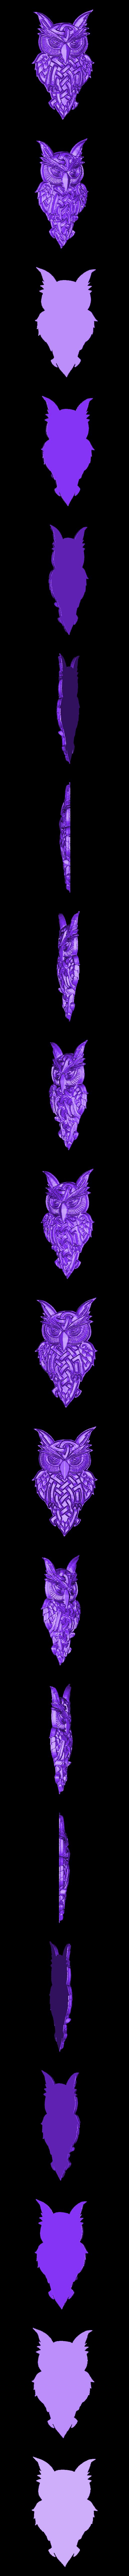 CS2.stl Download free STL file celtic owl • 3D printable object, shuranikishin